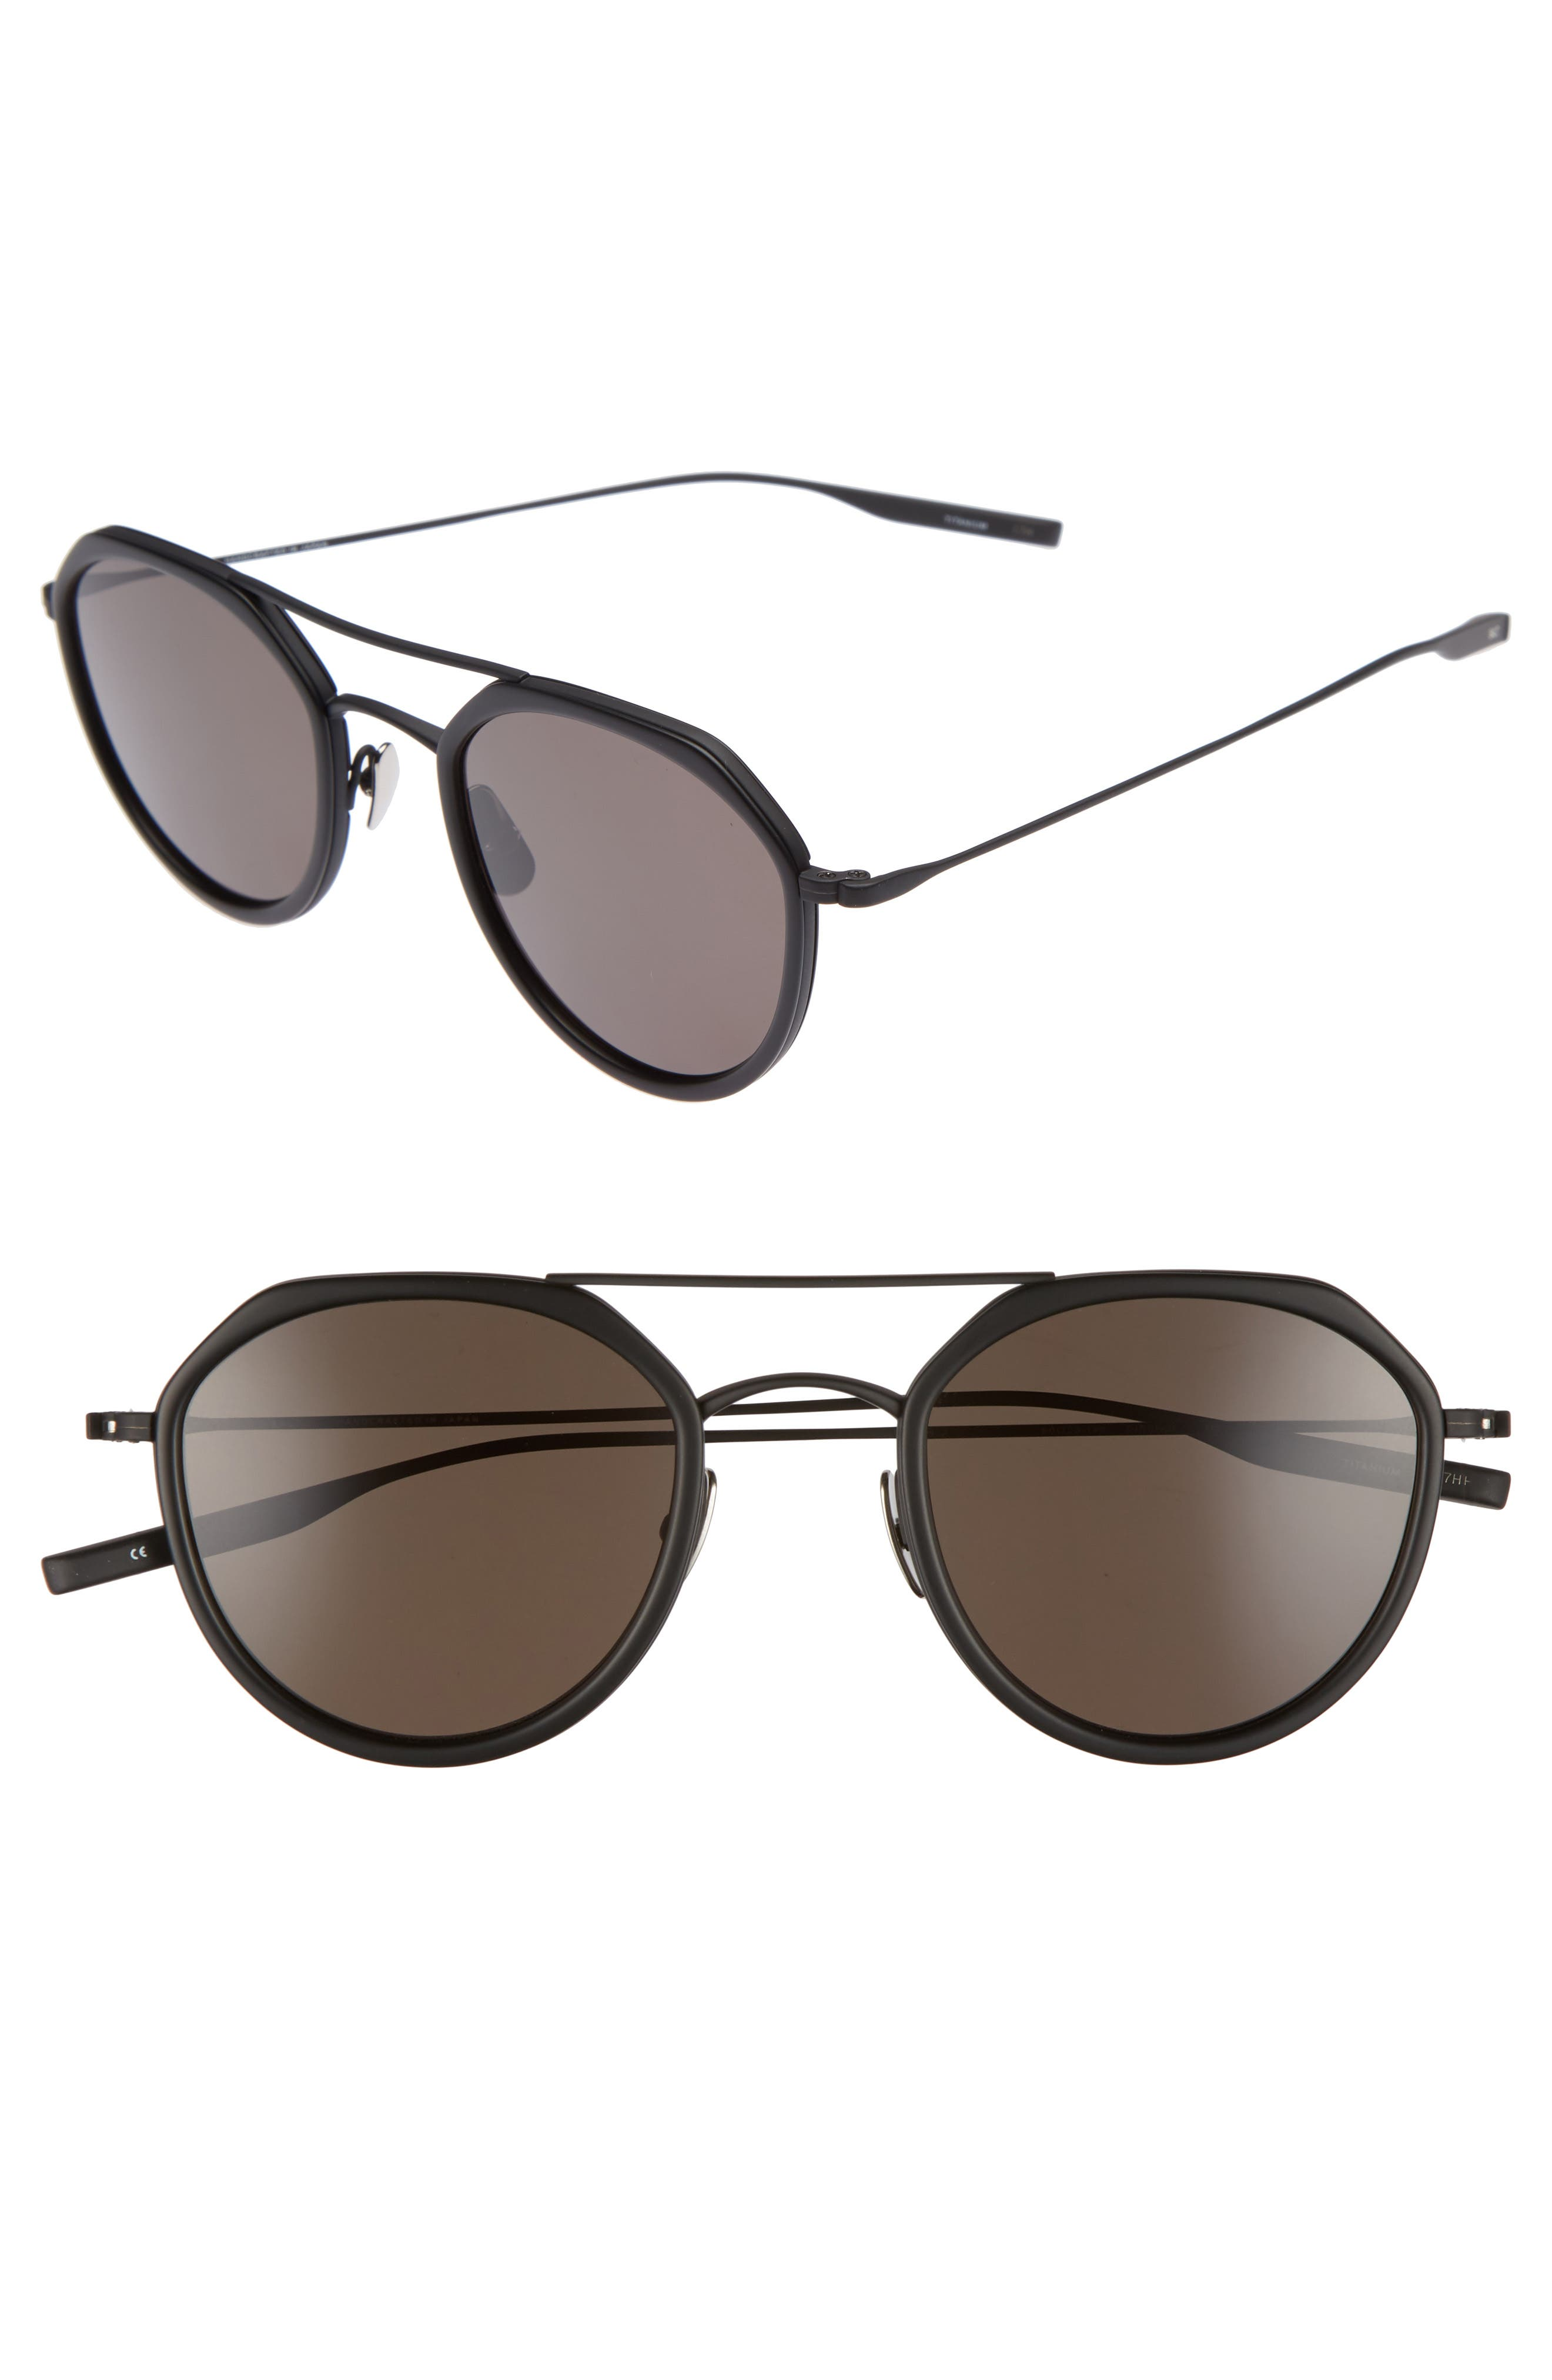 Dibergi Resin 50mm Polarized Round Sunglasses,                             Main thumbnail 1, color,                             Matte Black/ Black Sand